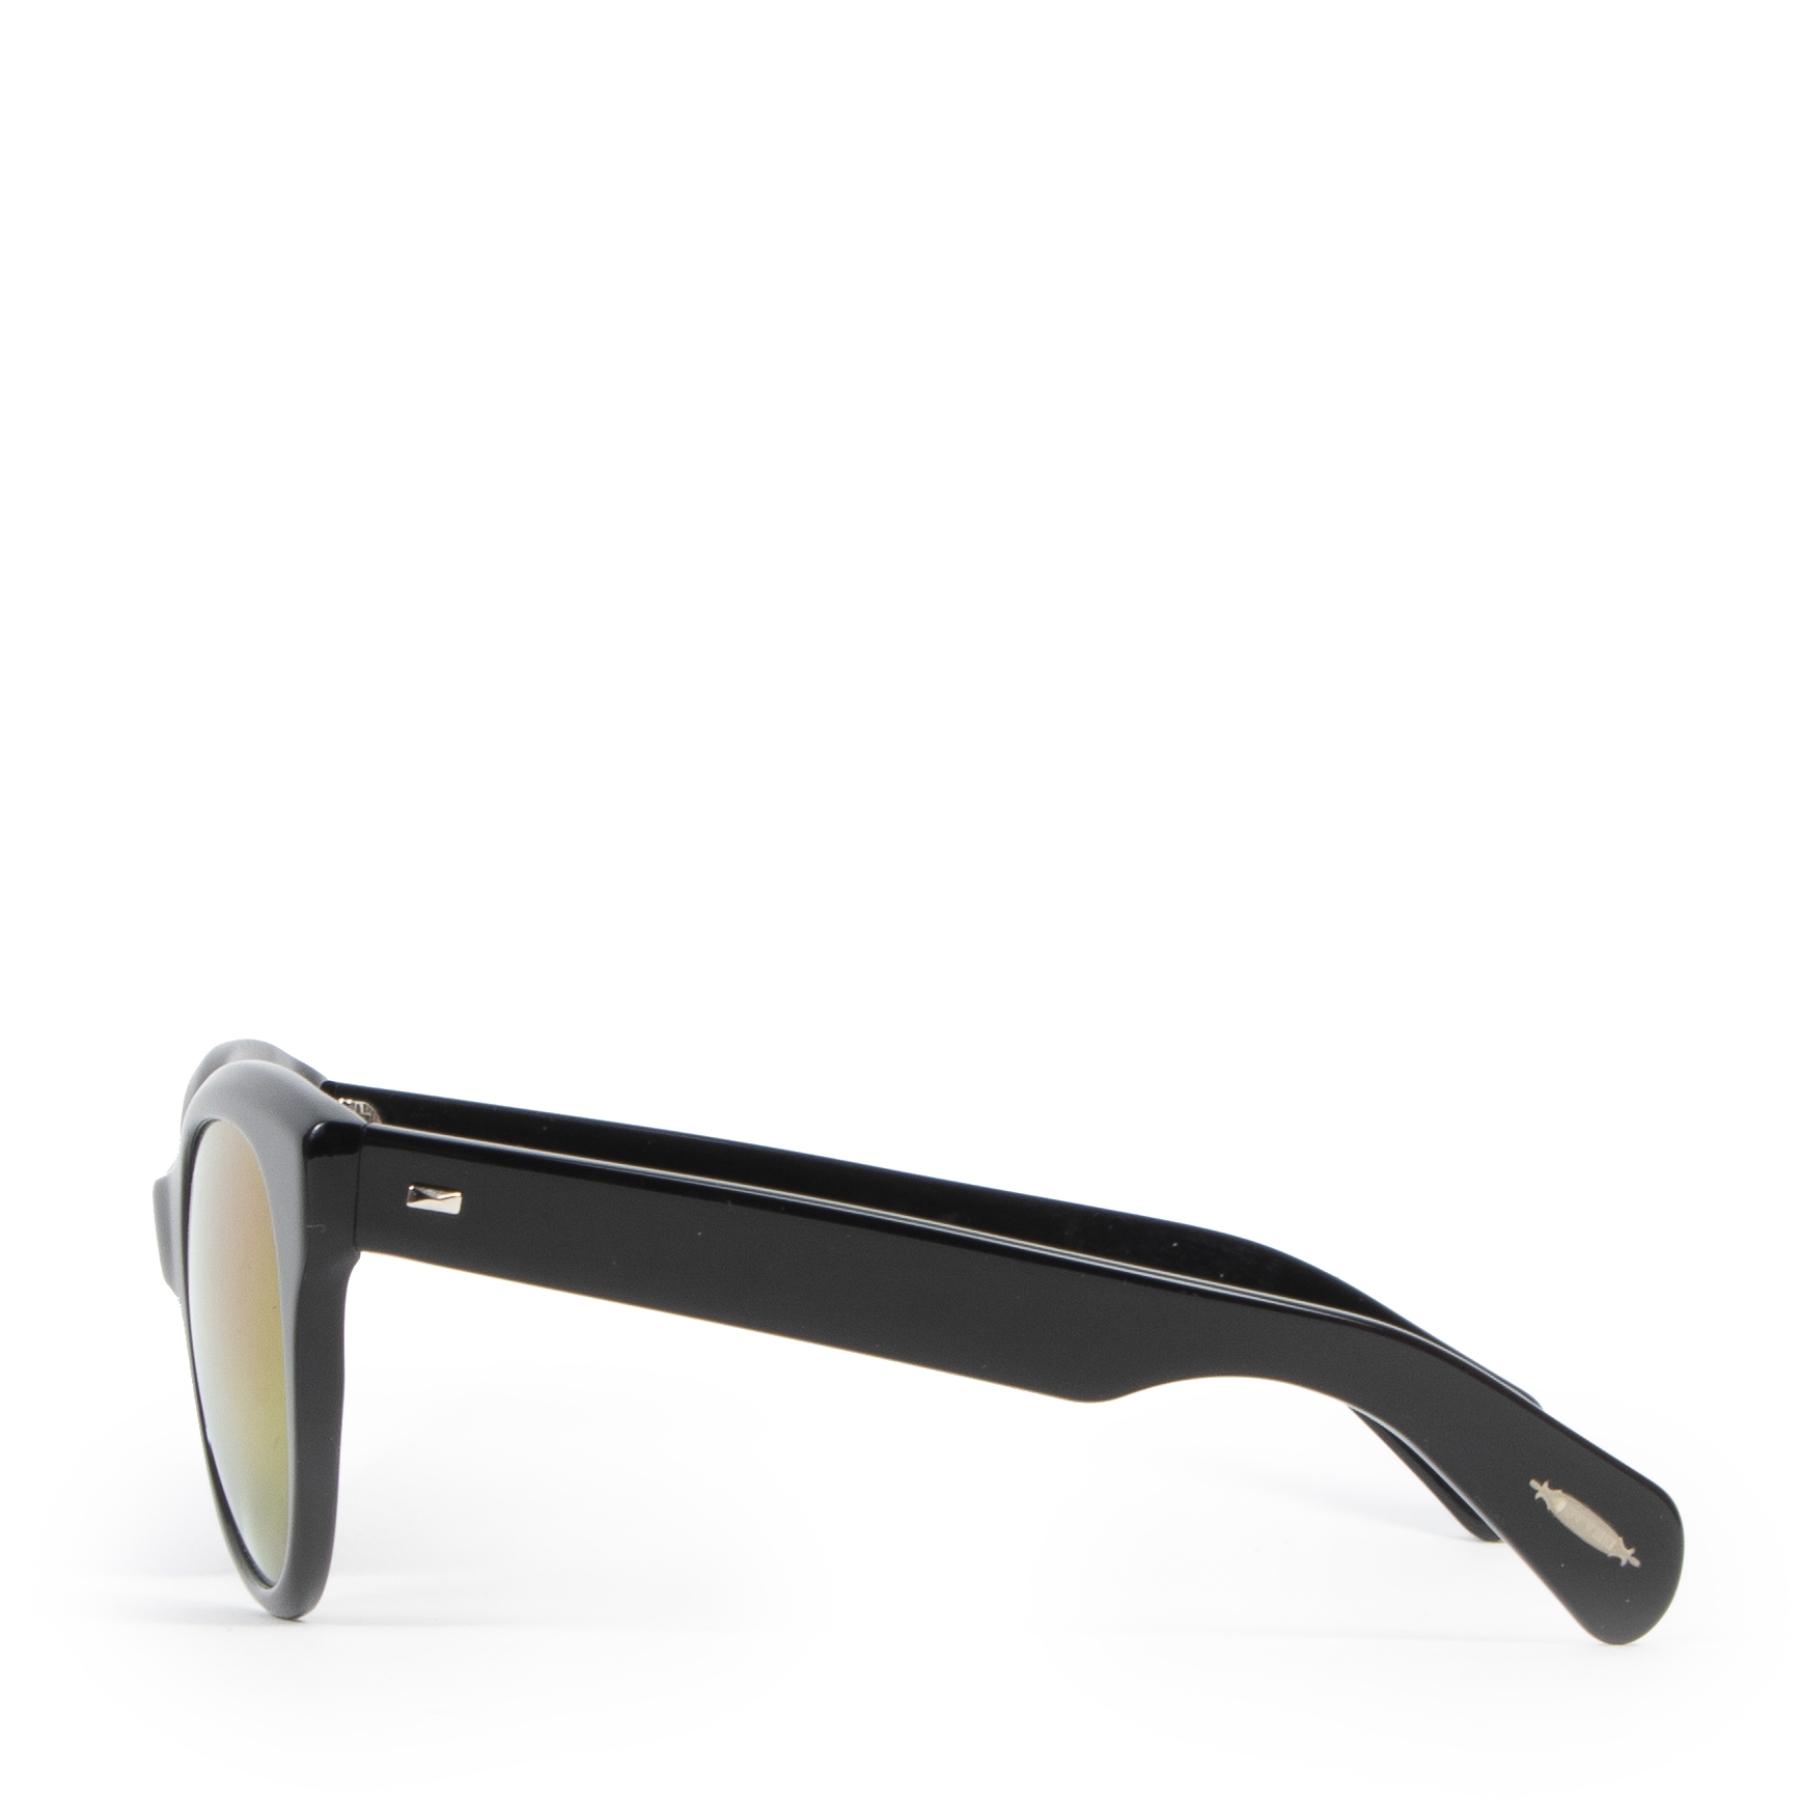 Koop authentieke tweedehands Oliver Peoples zonnebrillen met juiste prijs bij LabelLOV.